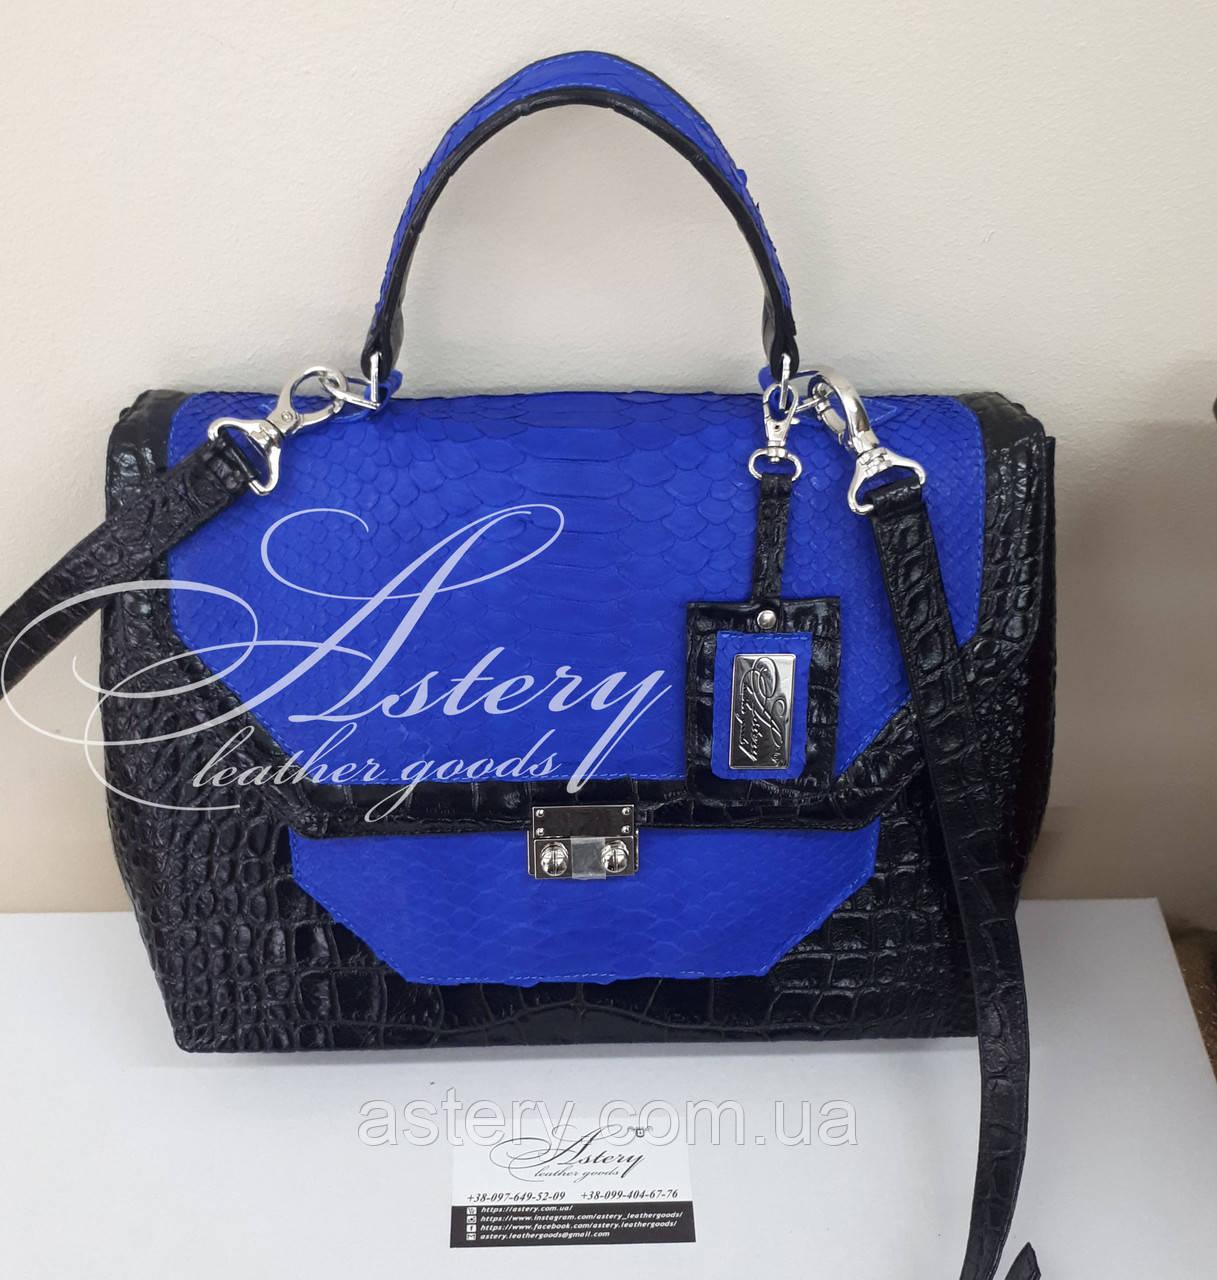 Женская черная классическая сумка с синим питоном